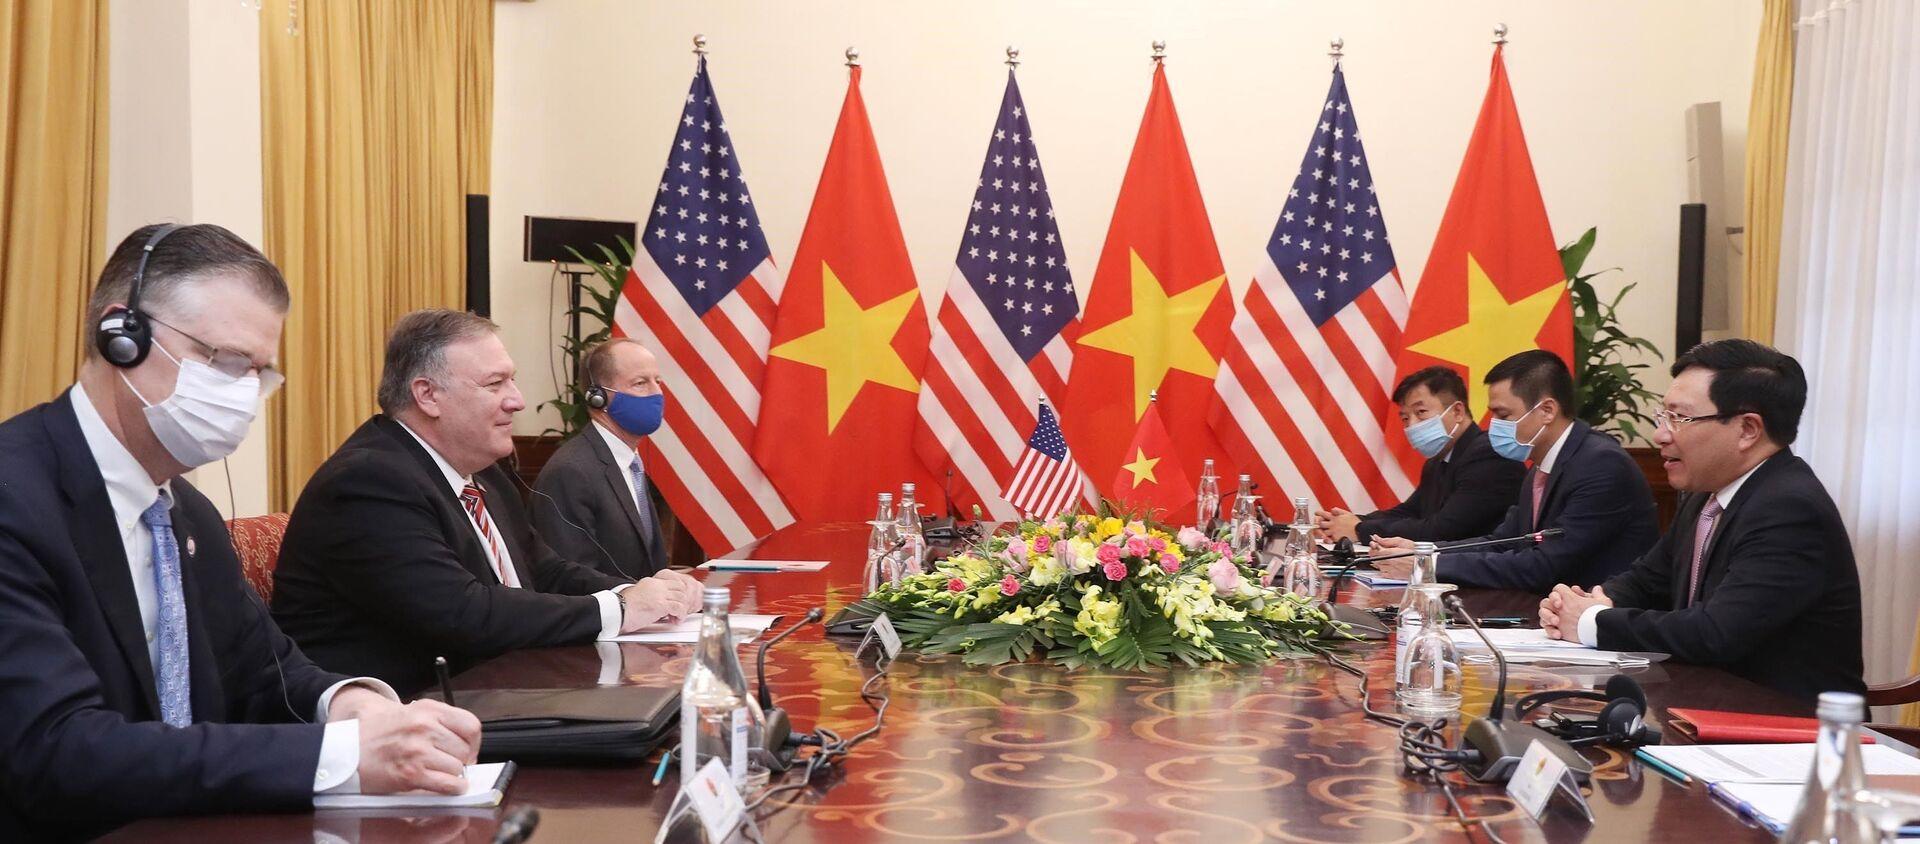 Phó Thủ tướng, Bộ trưởng Bộ Ngoại giao Phạm Bình Minh hội đàm với Ngoại trưởng Hoa Kỳ Mike Pompeo. - Sputnik Việt Nam, 1920, 31.10.2020